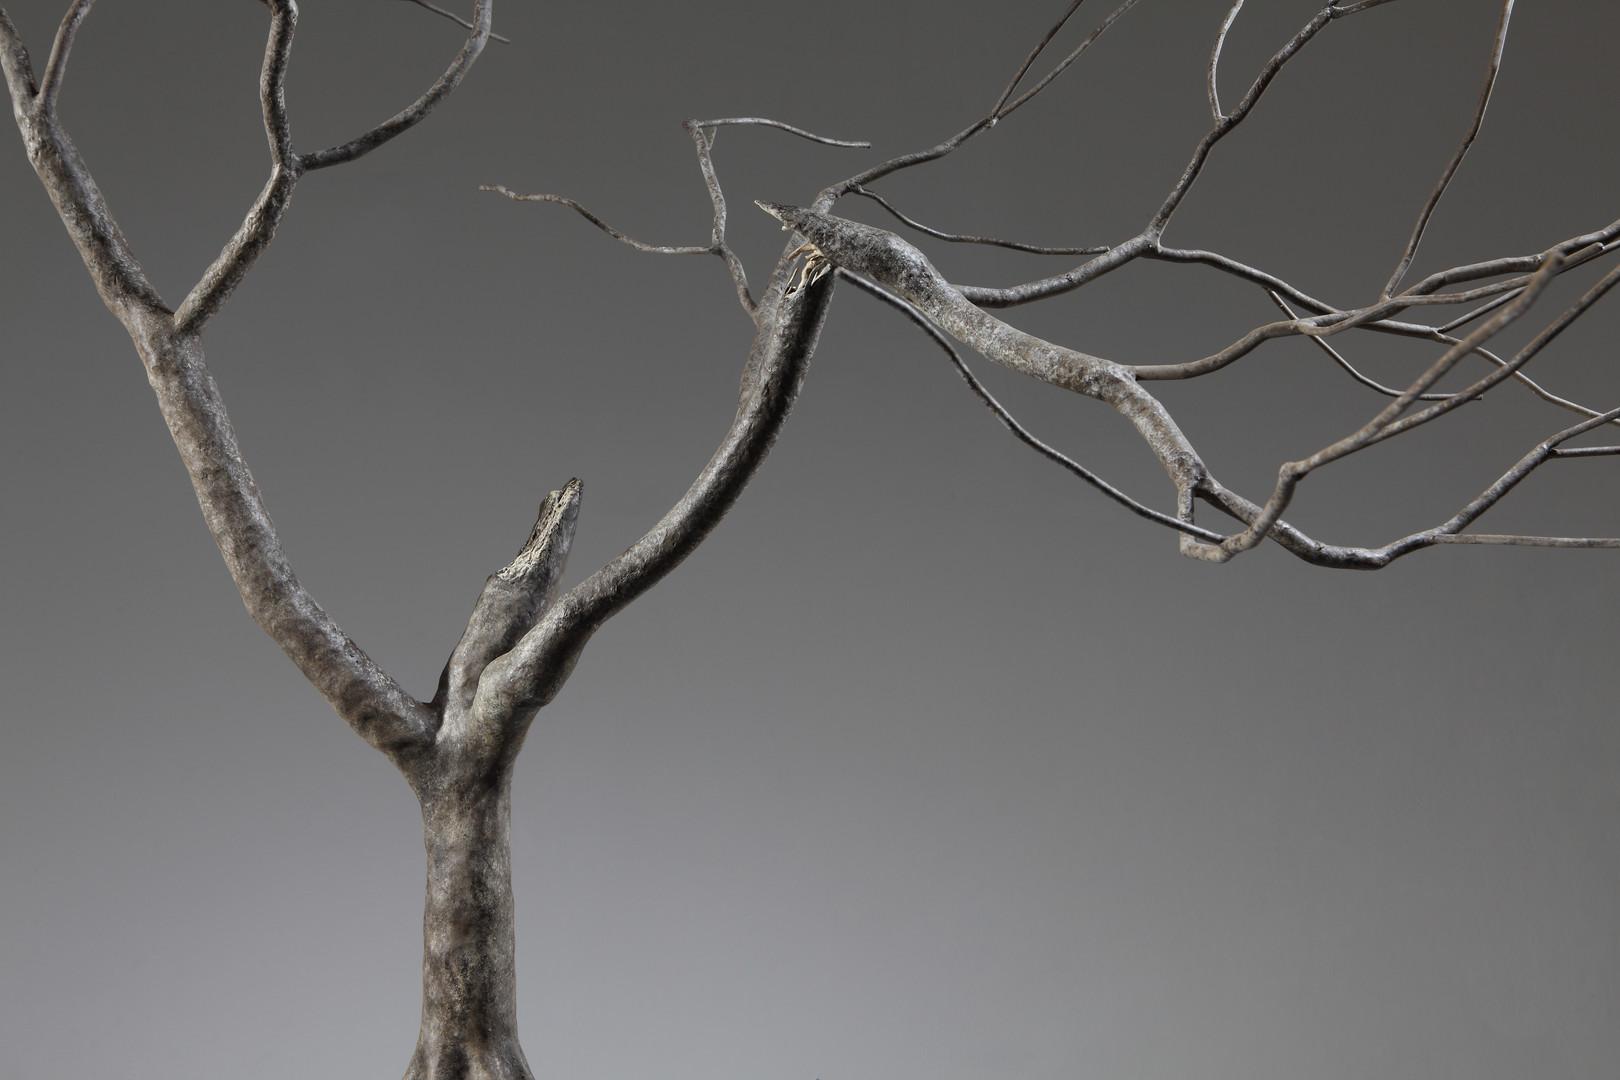 (3) A forgotten memory, detail